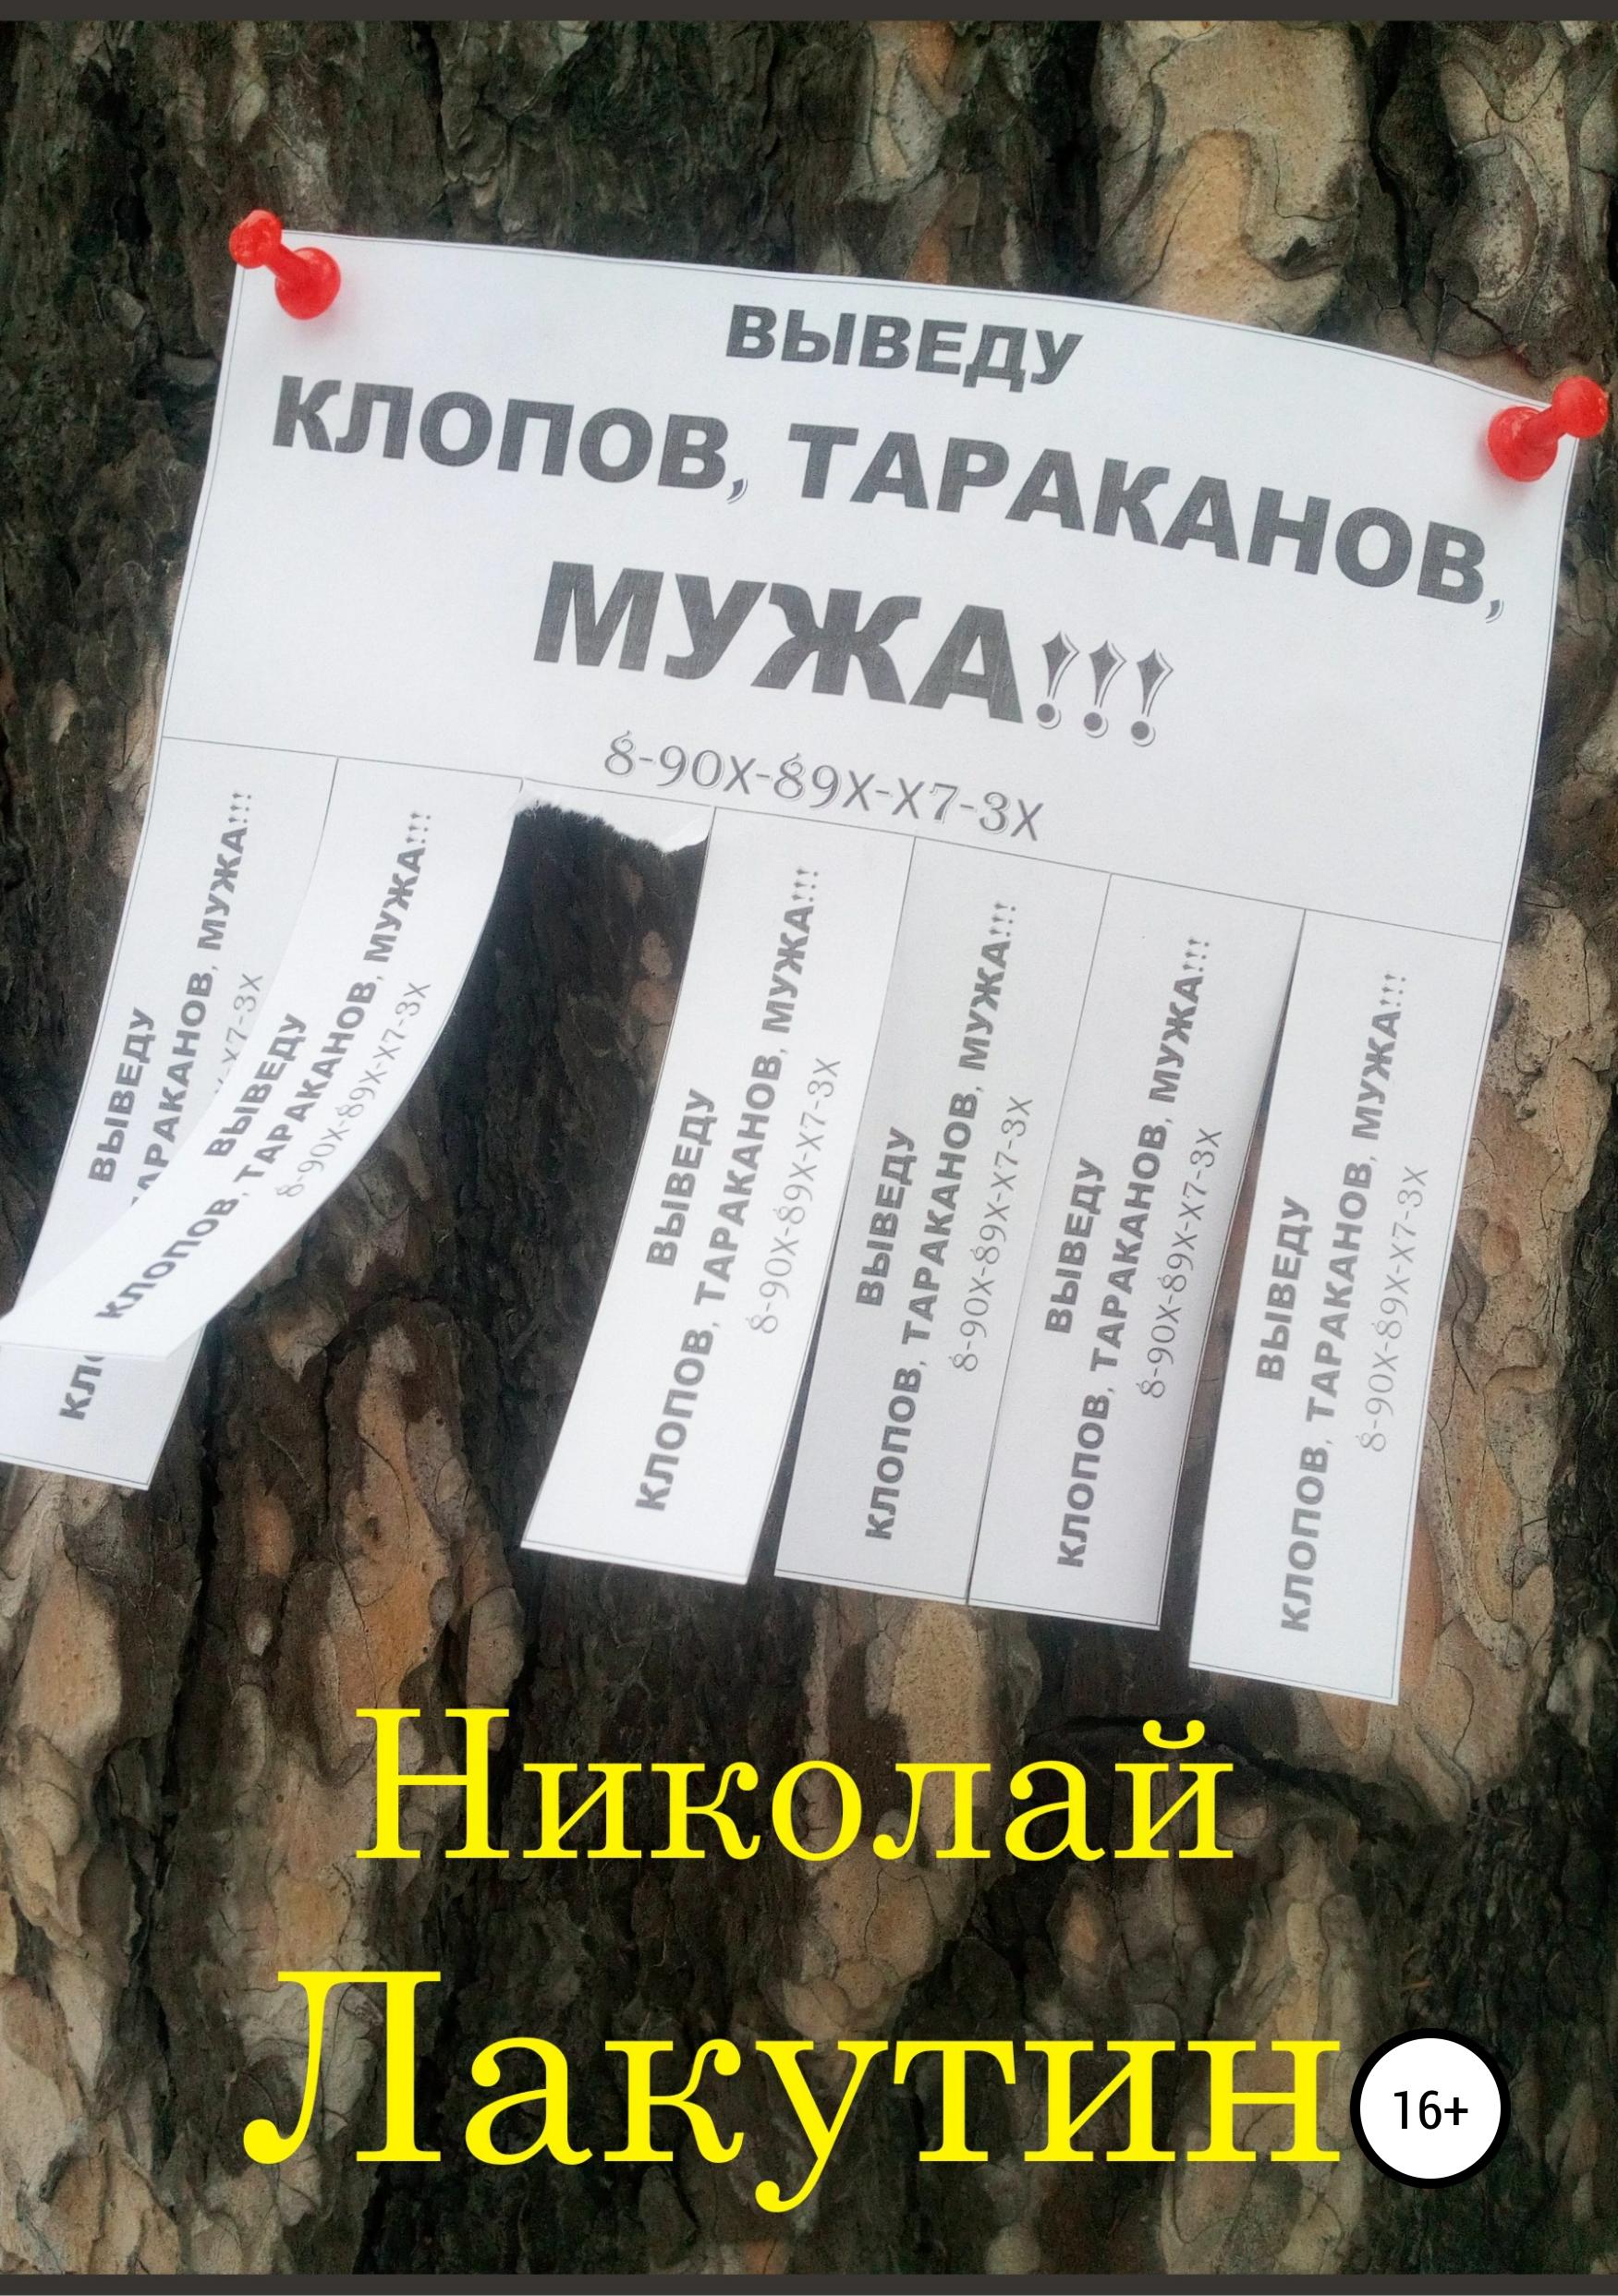 Николай Владимирович Лакутин Выведу клопов, тараканов, мужа!!! от клопов что помогает